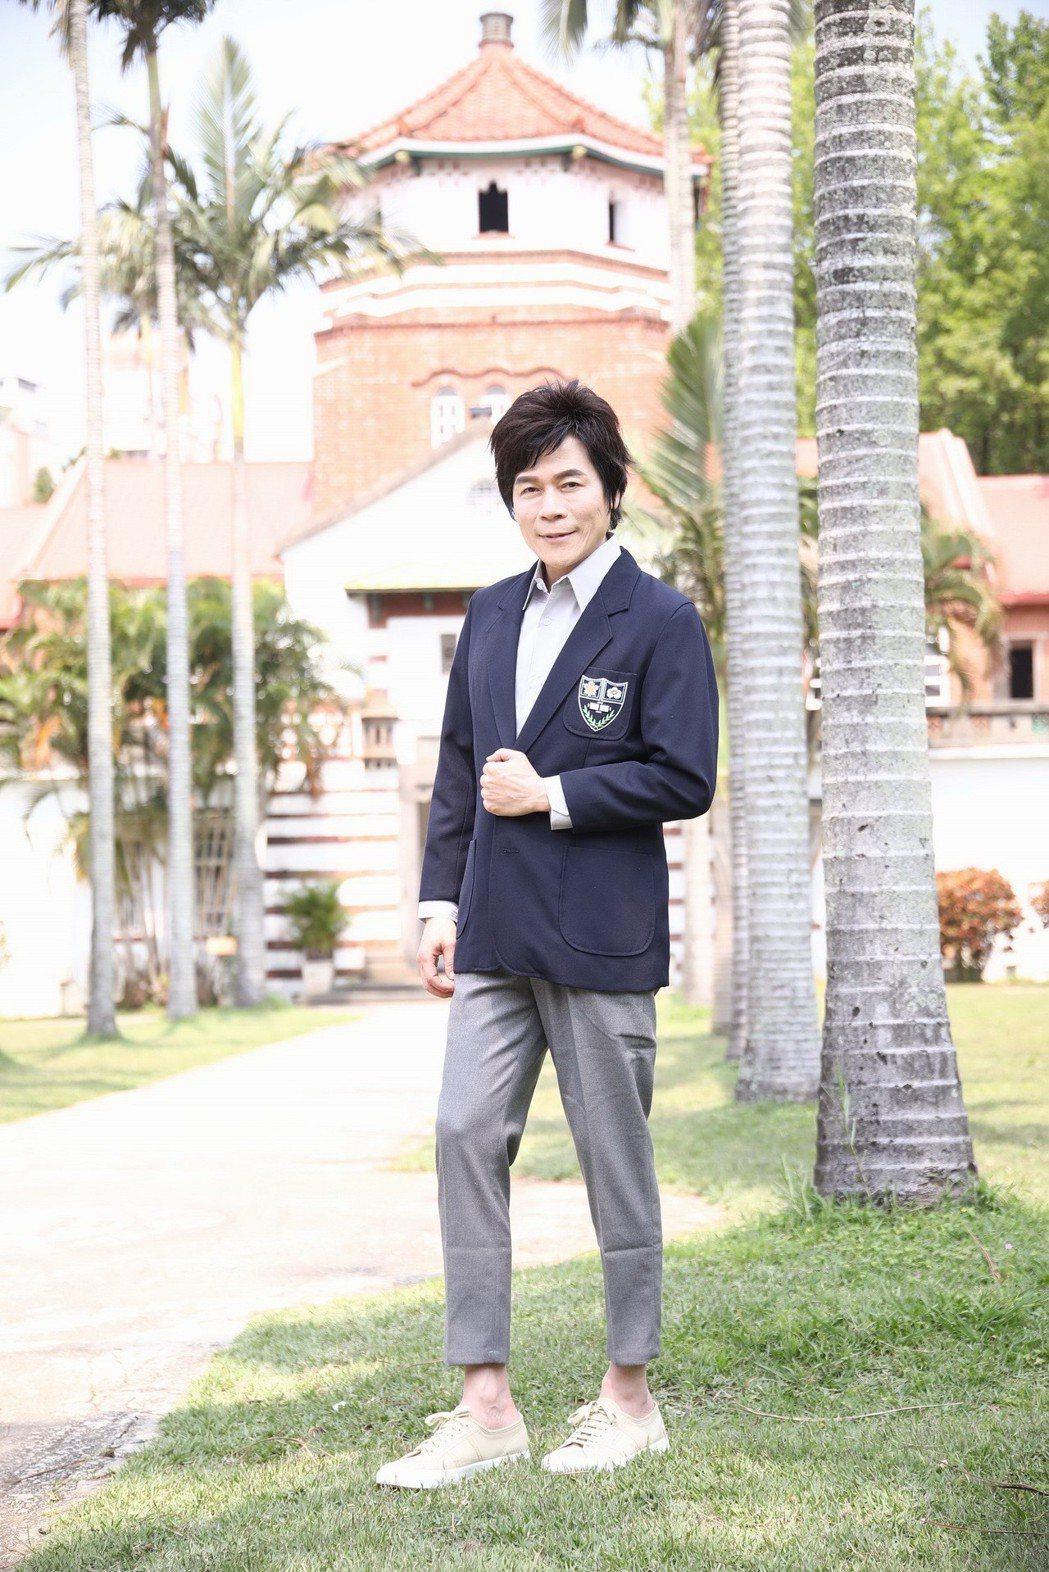 56歲的洪榮宏穿起母校的校服,相當挺拔帥氣。圖/華特音樂提供